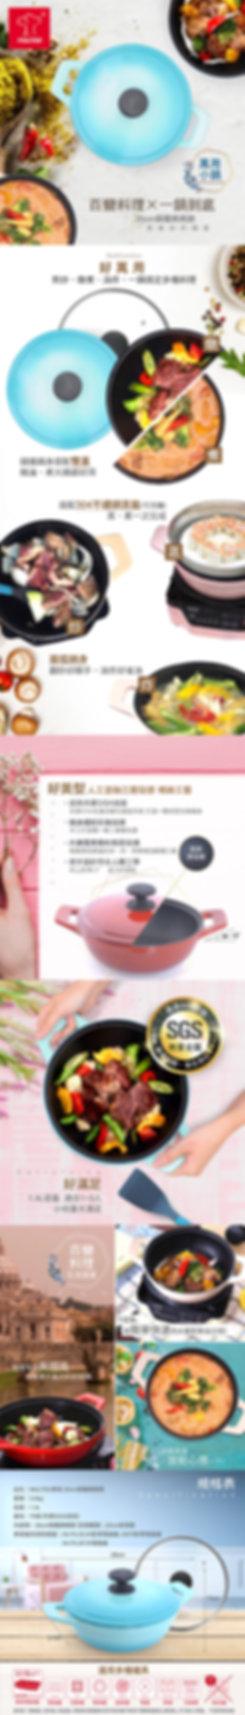 20媽媽鍋-980.jpg